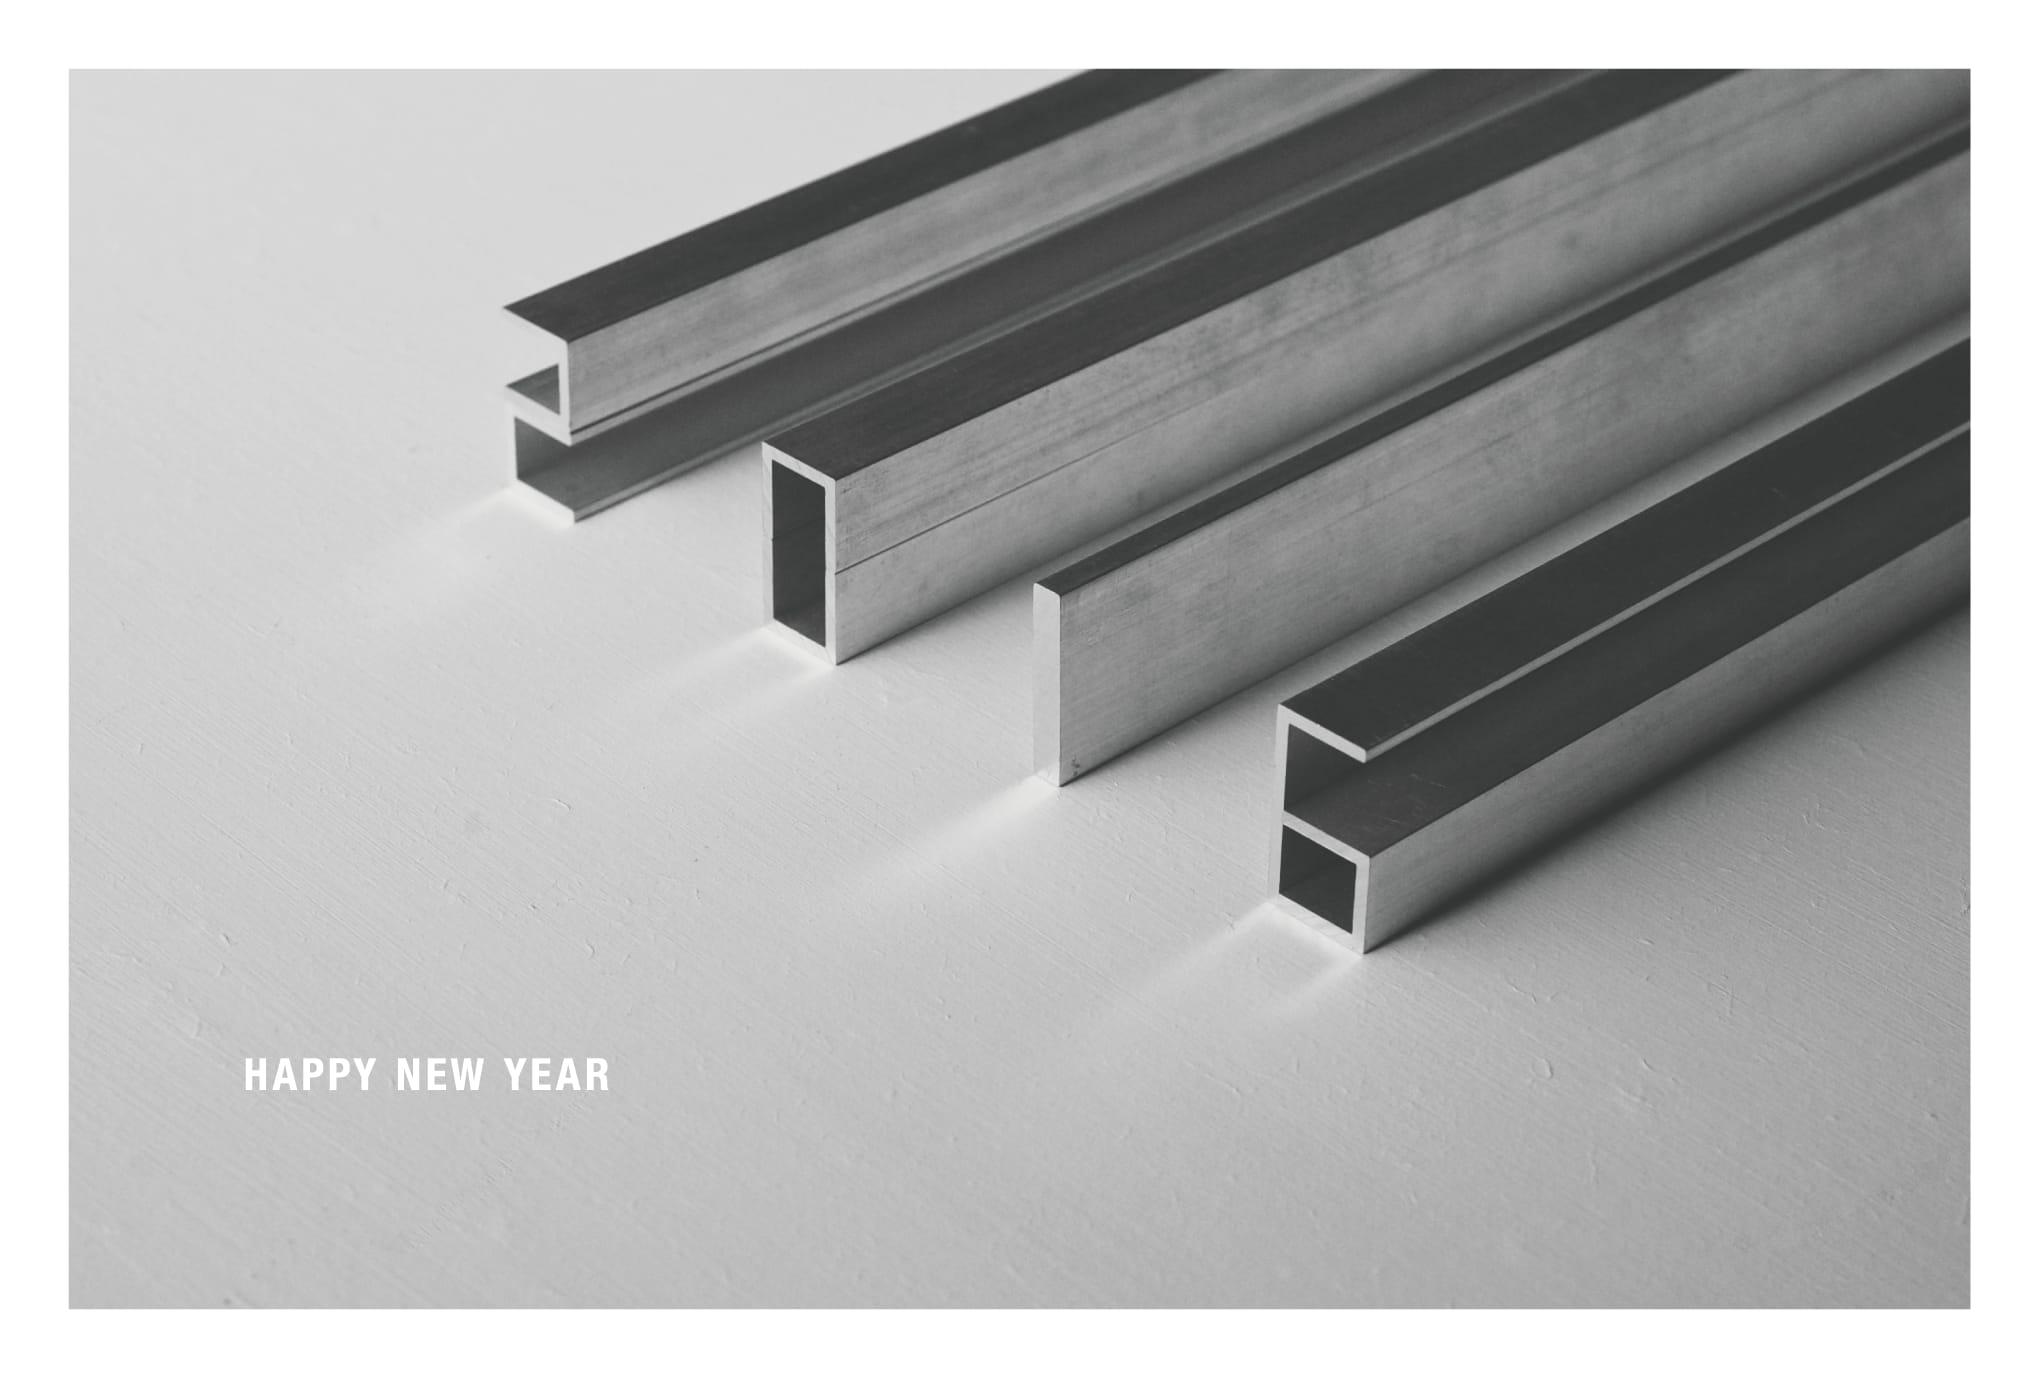 2016年賀状15-2:Alumi-new-m 2016 / 横のダウンロード画像